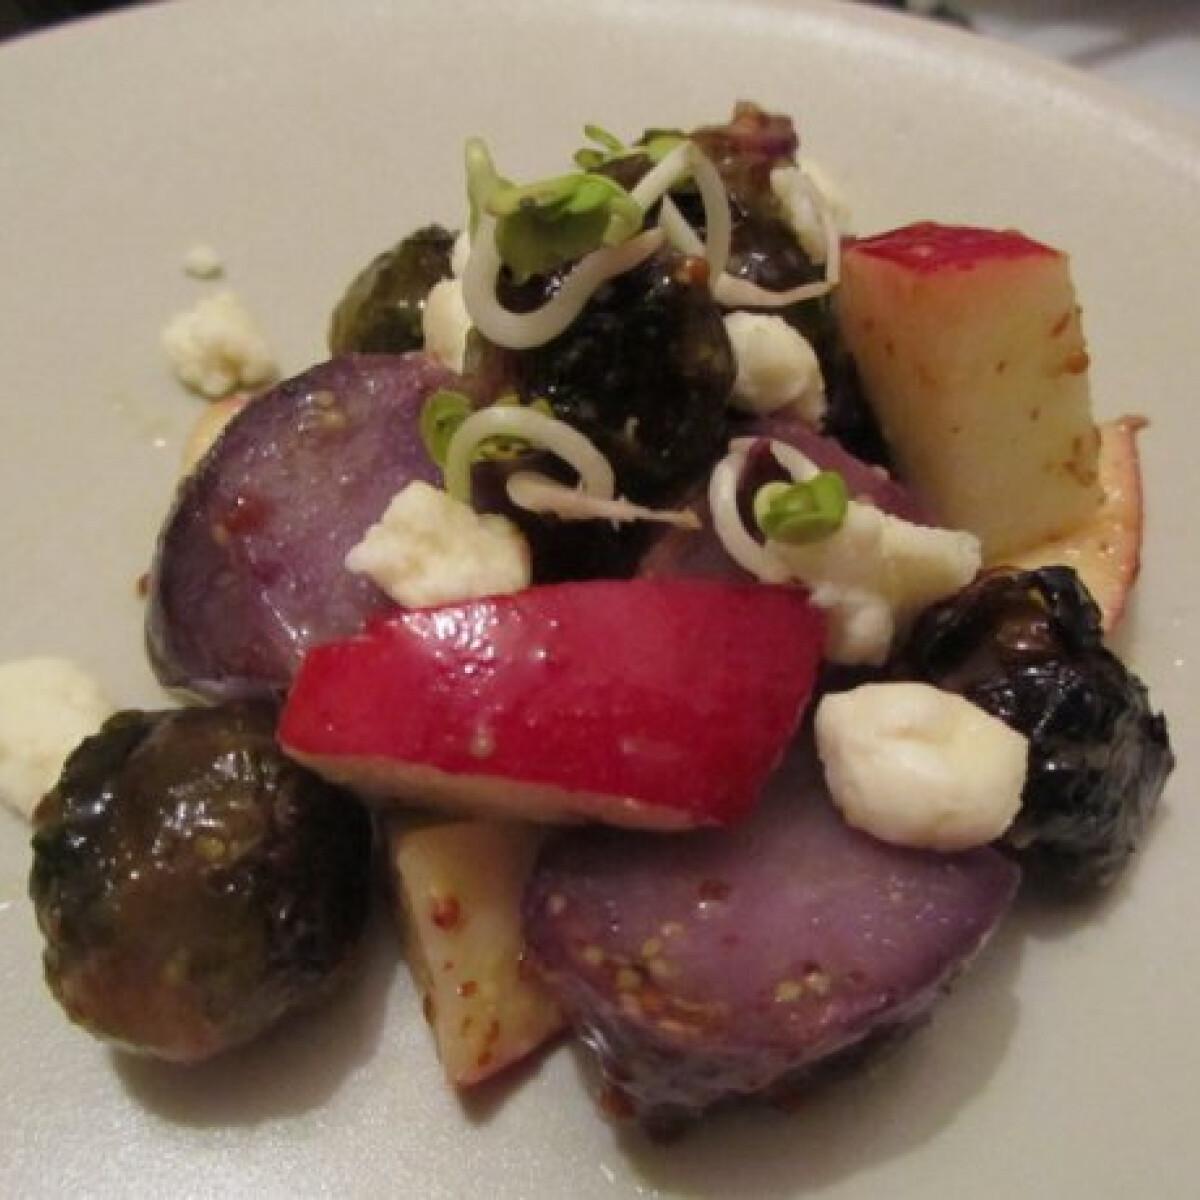 Ezen a képen: Meleg kelbimbósaláta lila krumplival